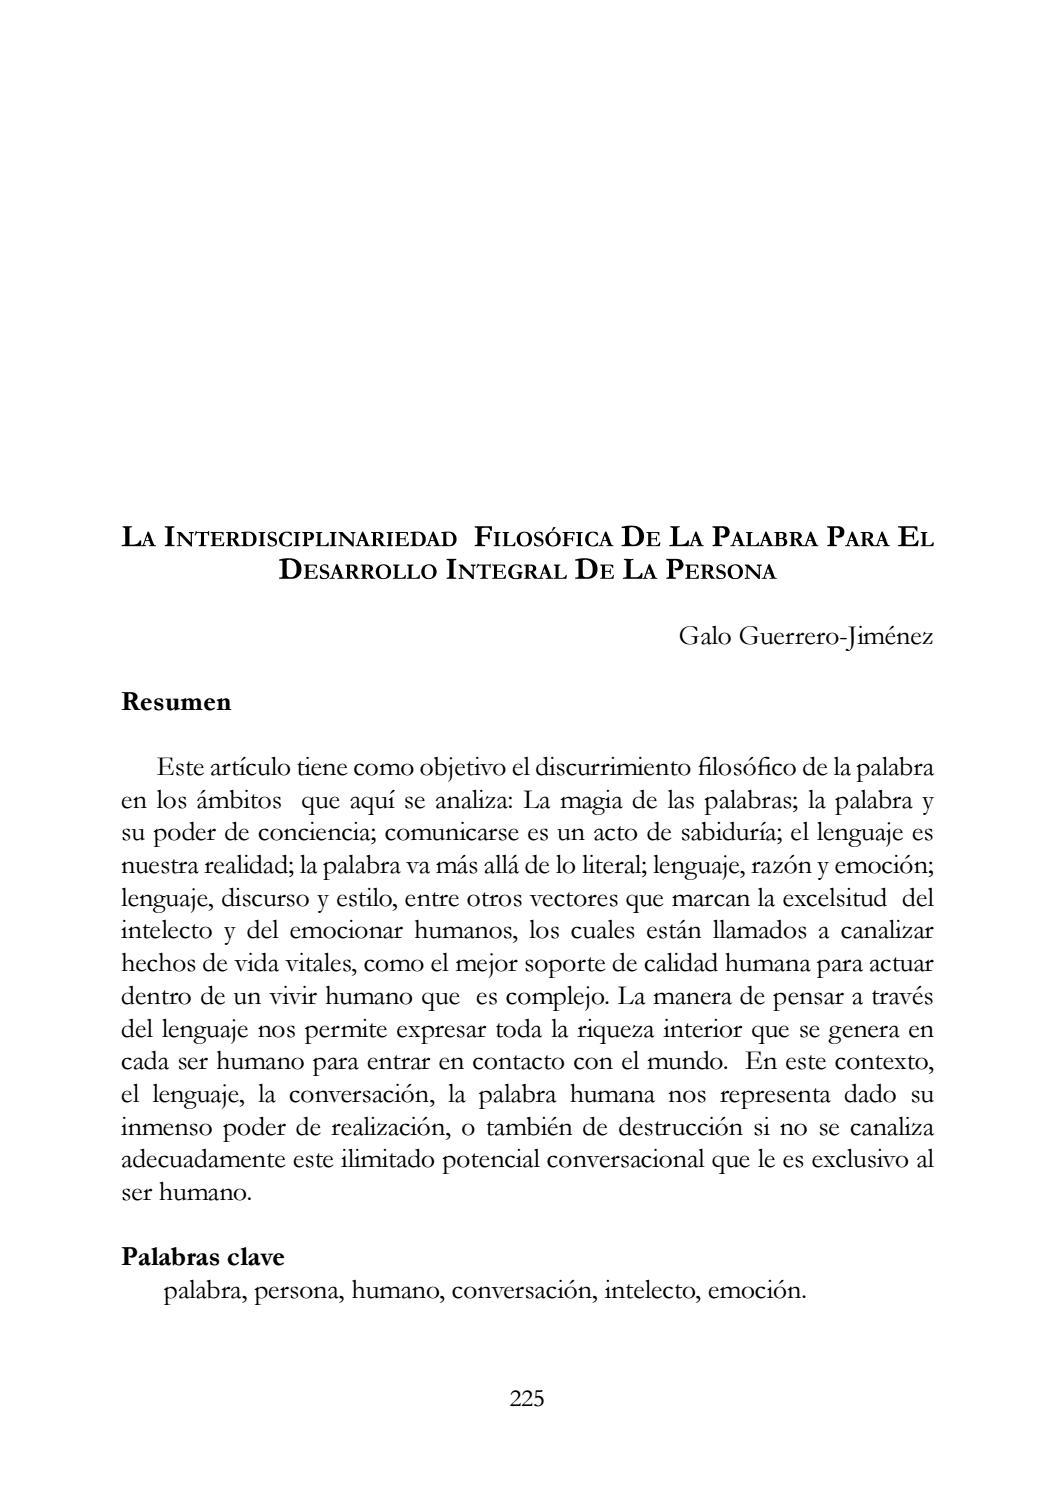 Crítica, memoria e imaginación de la literatura latinoamericana ...